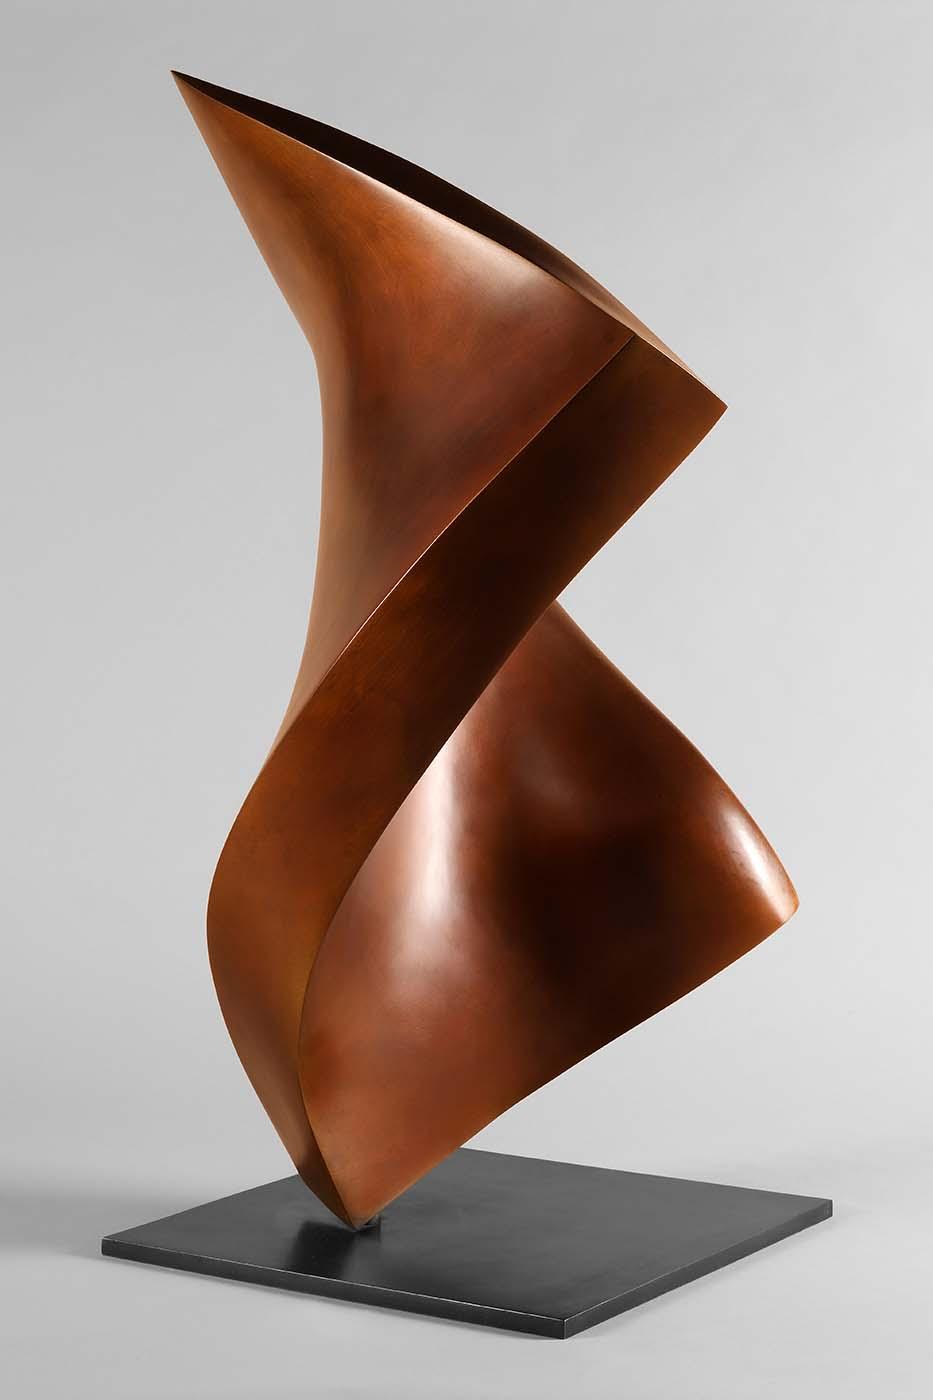 Cosi fan tutte (groß), 2017, Bronze, 62 x 40 x 40 cm, (1).jpg